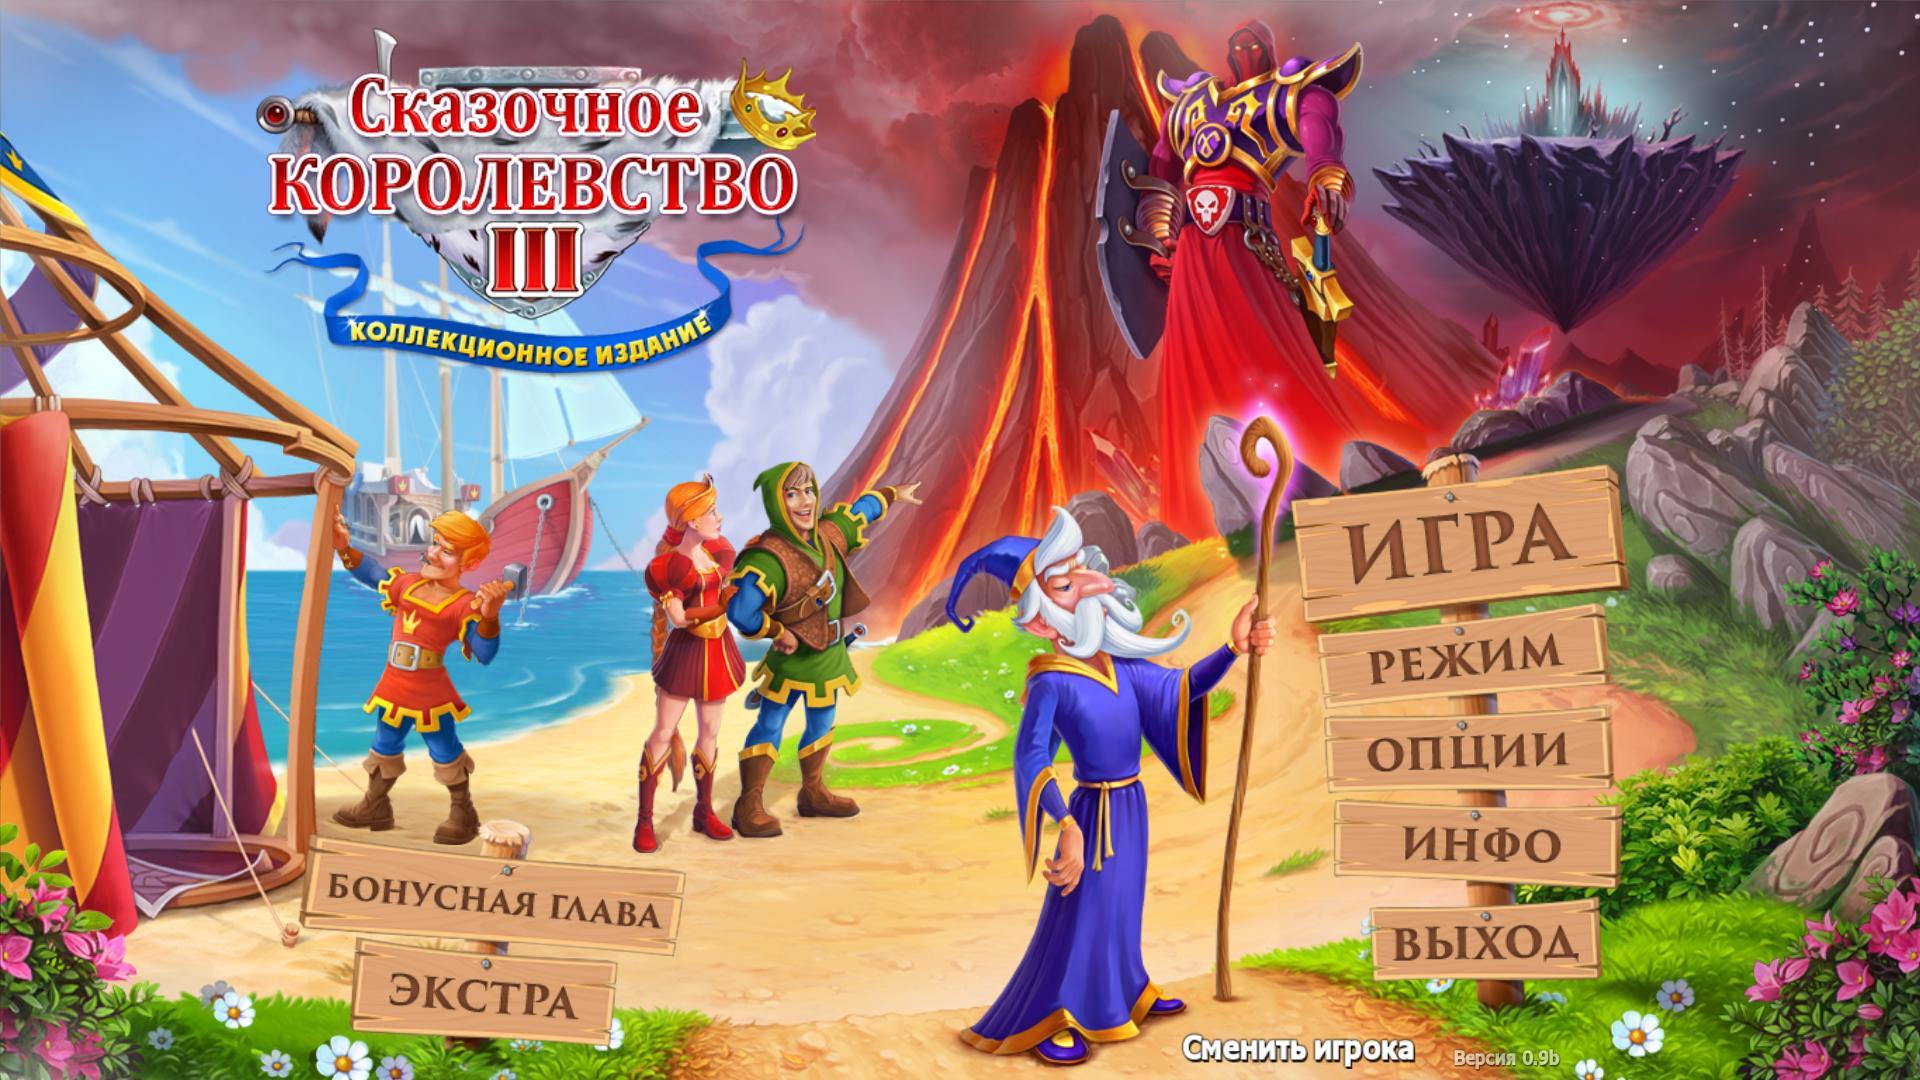 Сказочное королевство 3. Коллекционное издание | Fables of the Kingdom 3 CE (Rus)